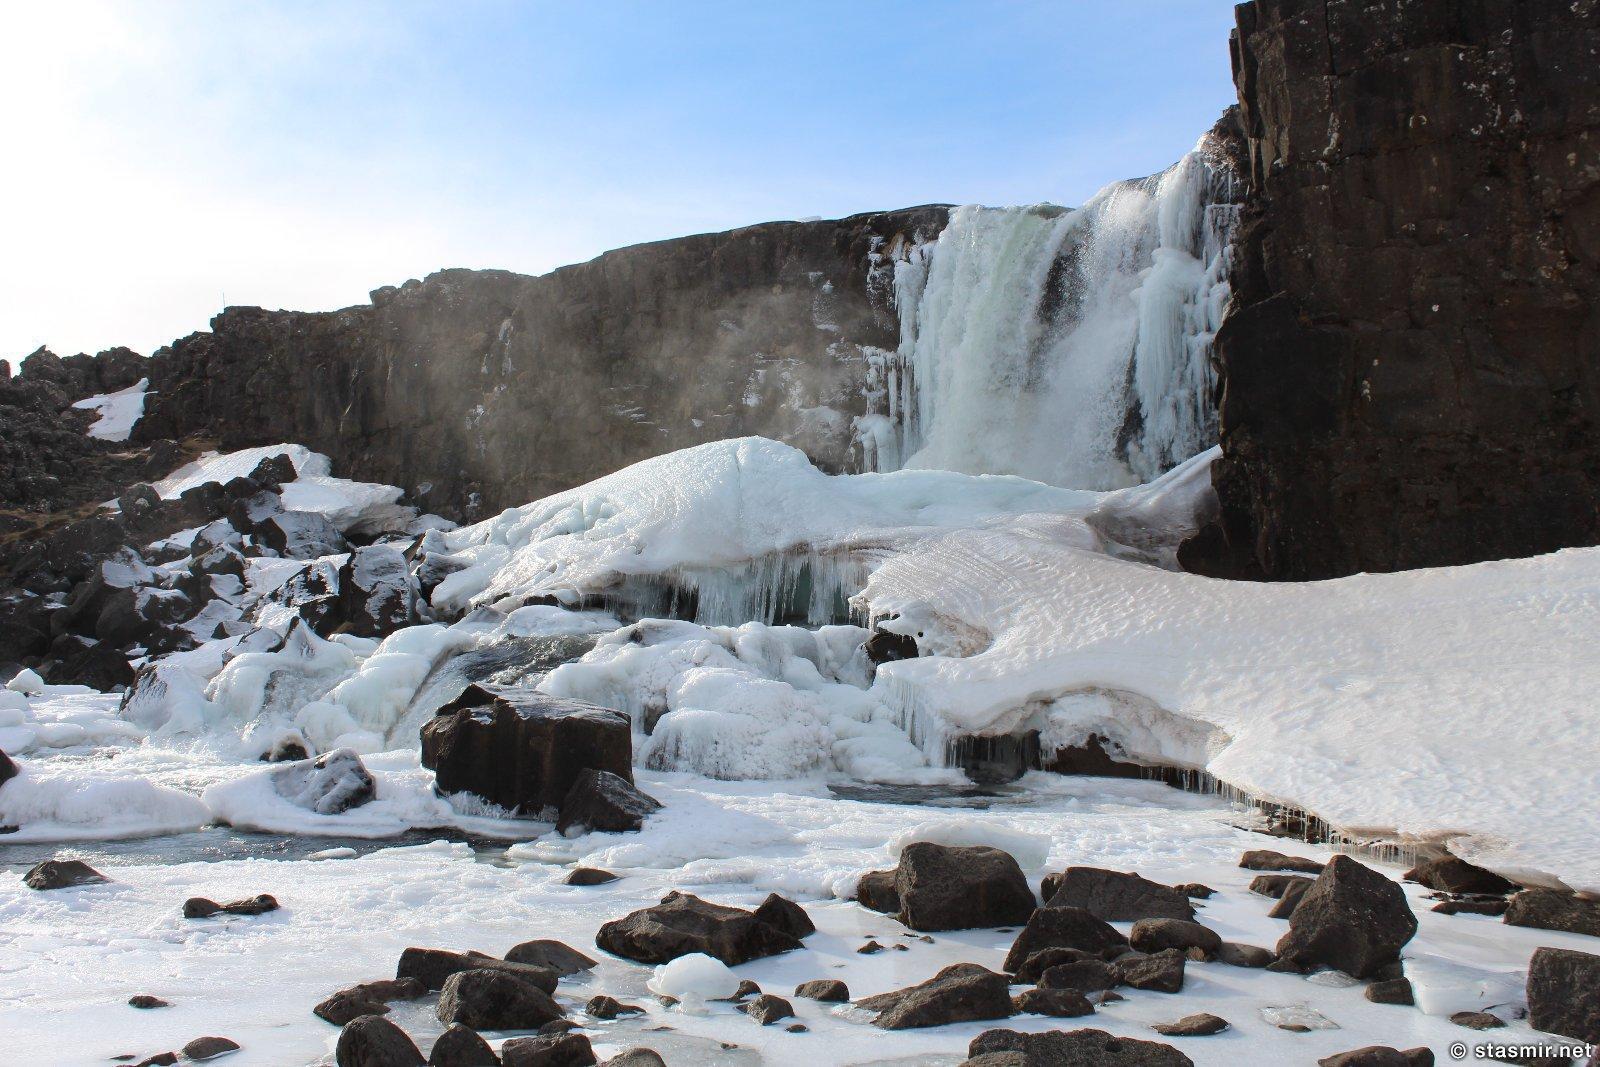 Зимняя Исландия, фото водопада из Игры престолов, фото Стасмир, photo Stasmir